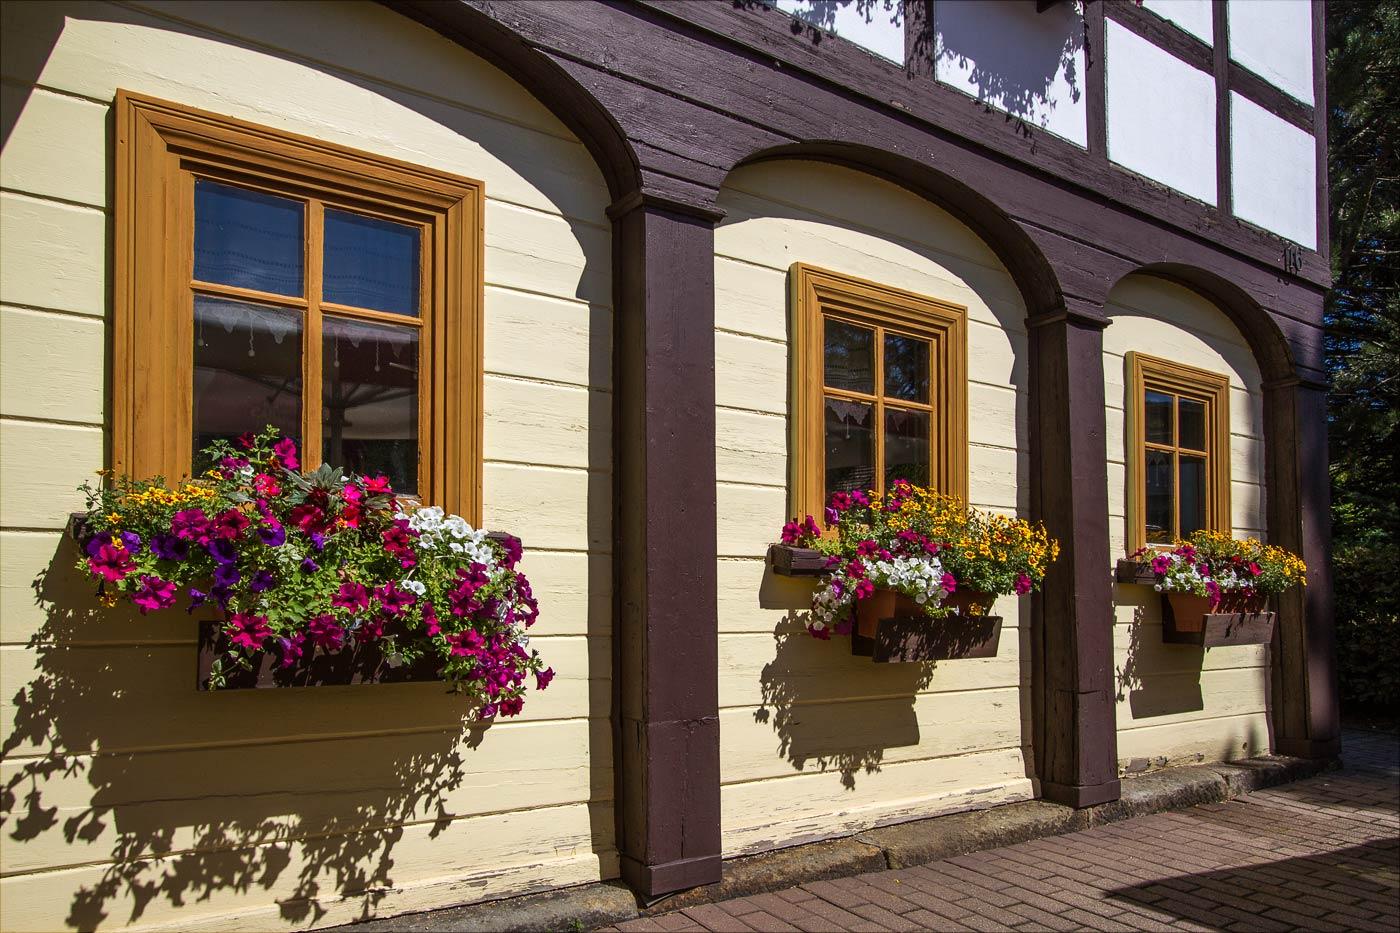 Цветы, саксонский горный курорт Йонсдорф